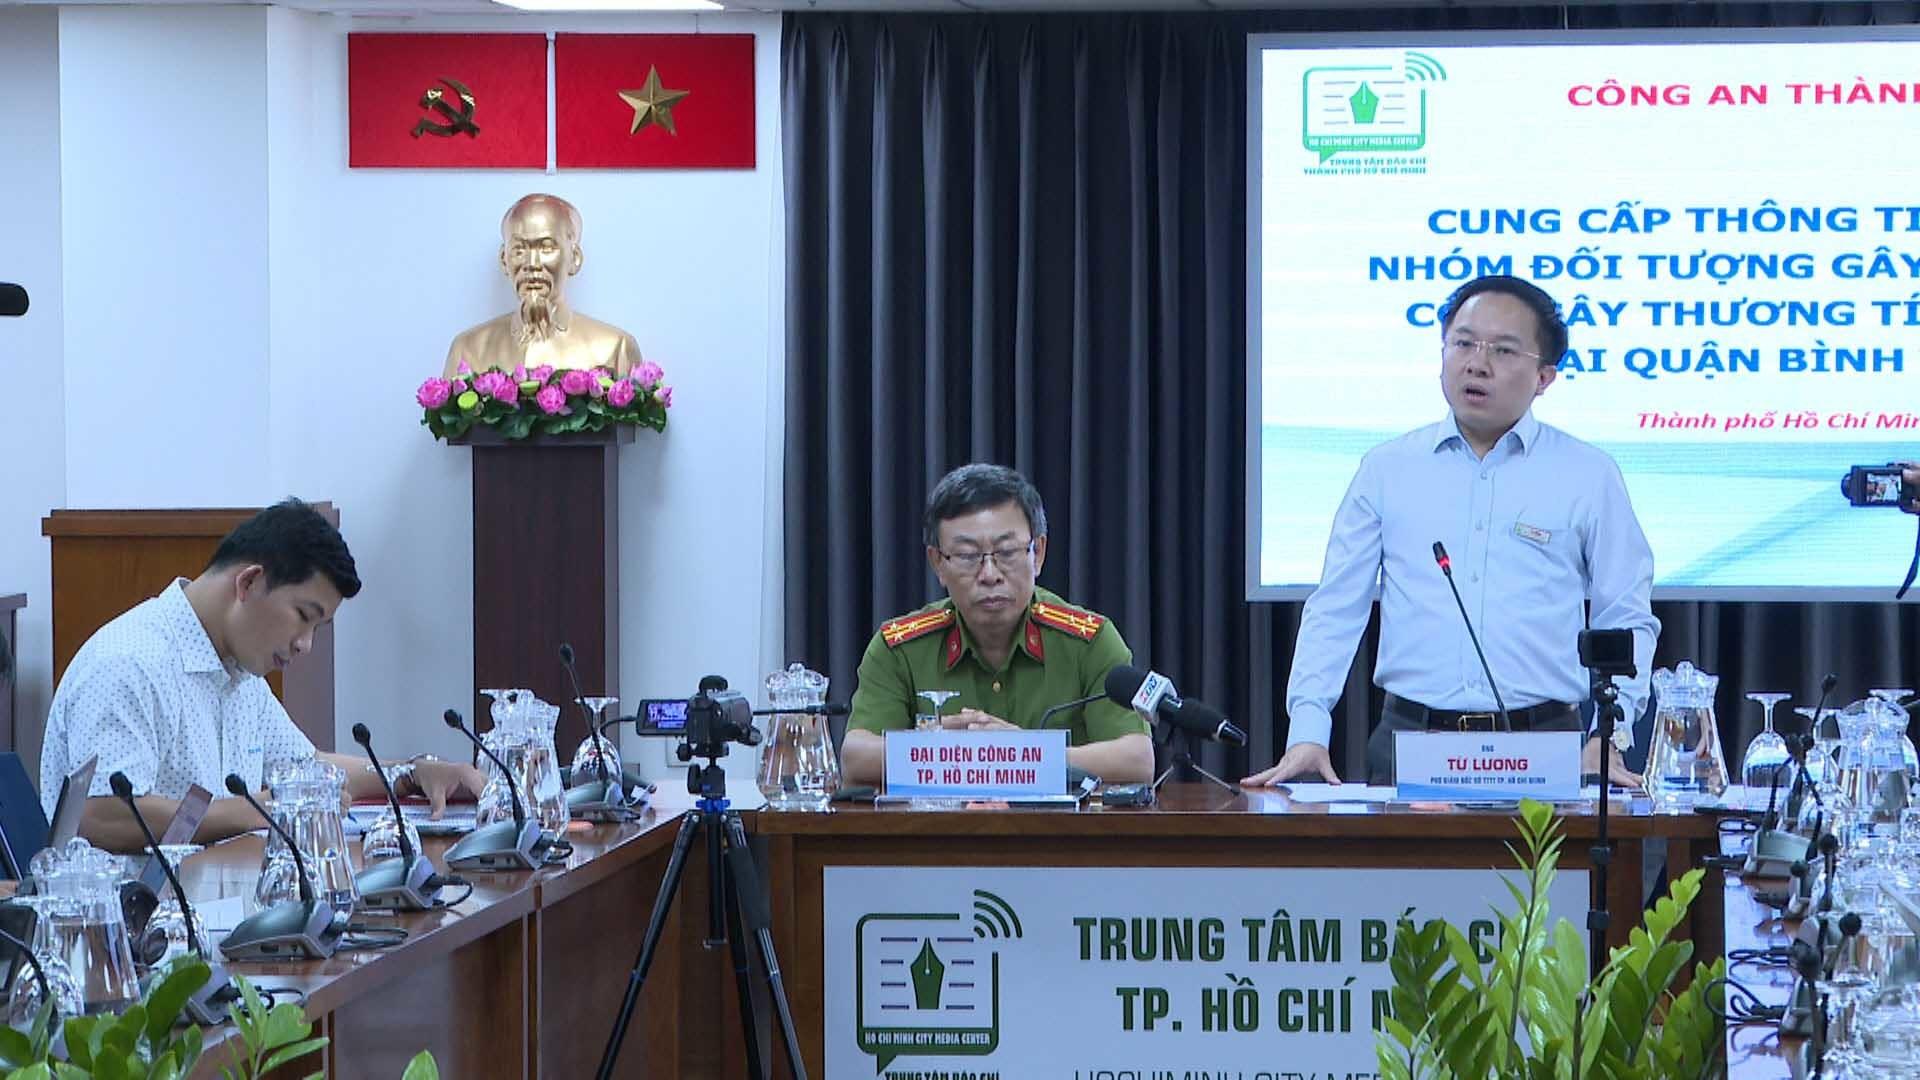 Trung tâm báo chí TP.HCM: 'Tòa soạn thứ hai của người làm báo'